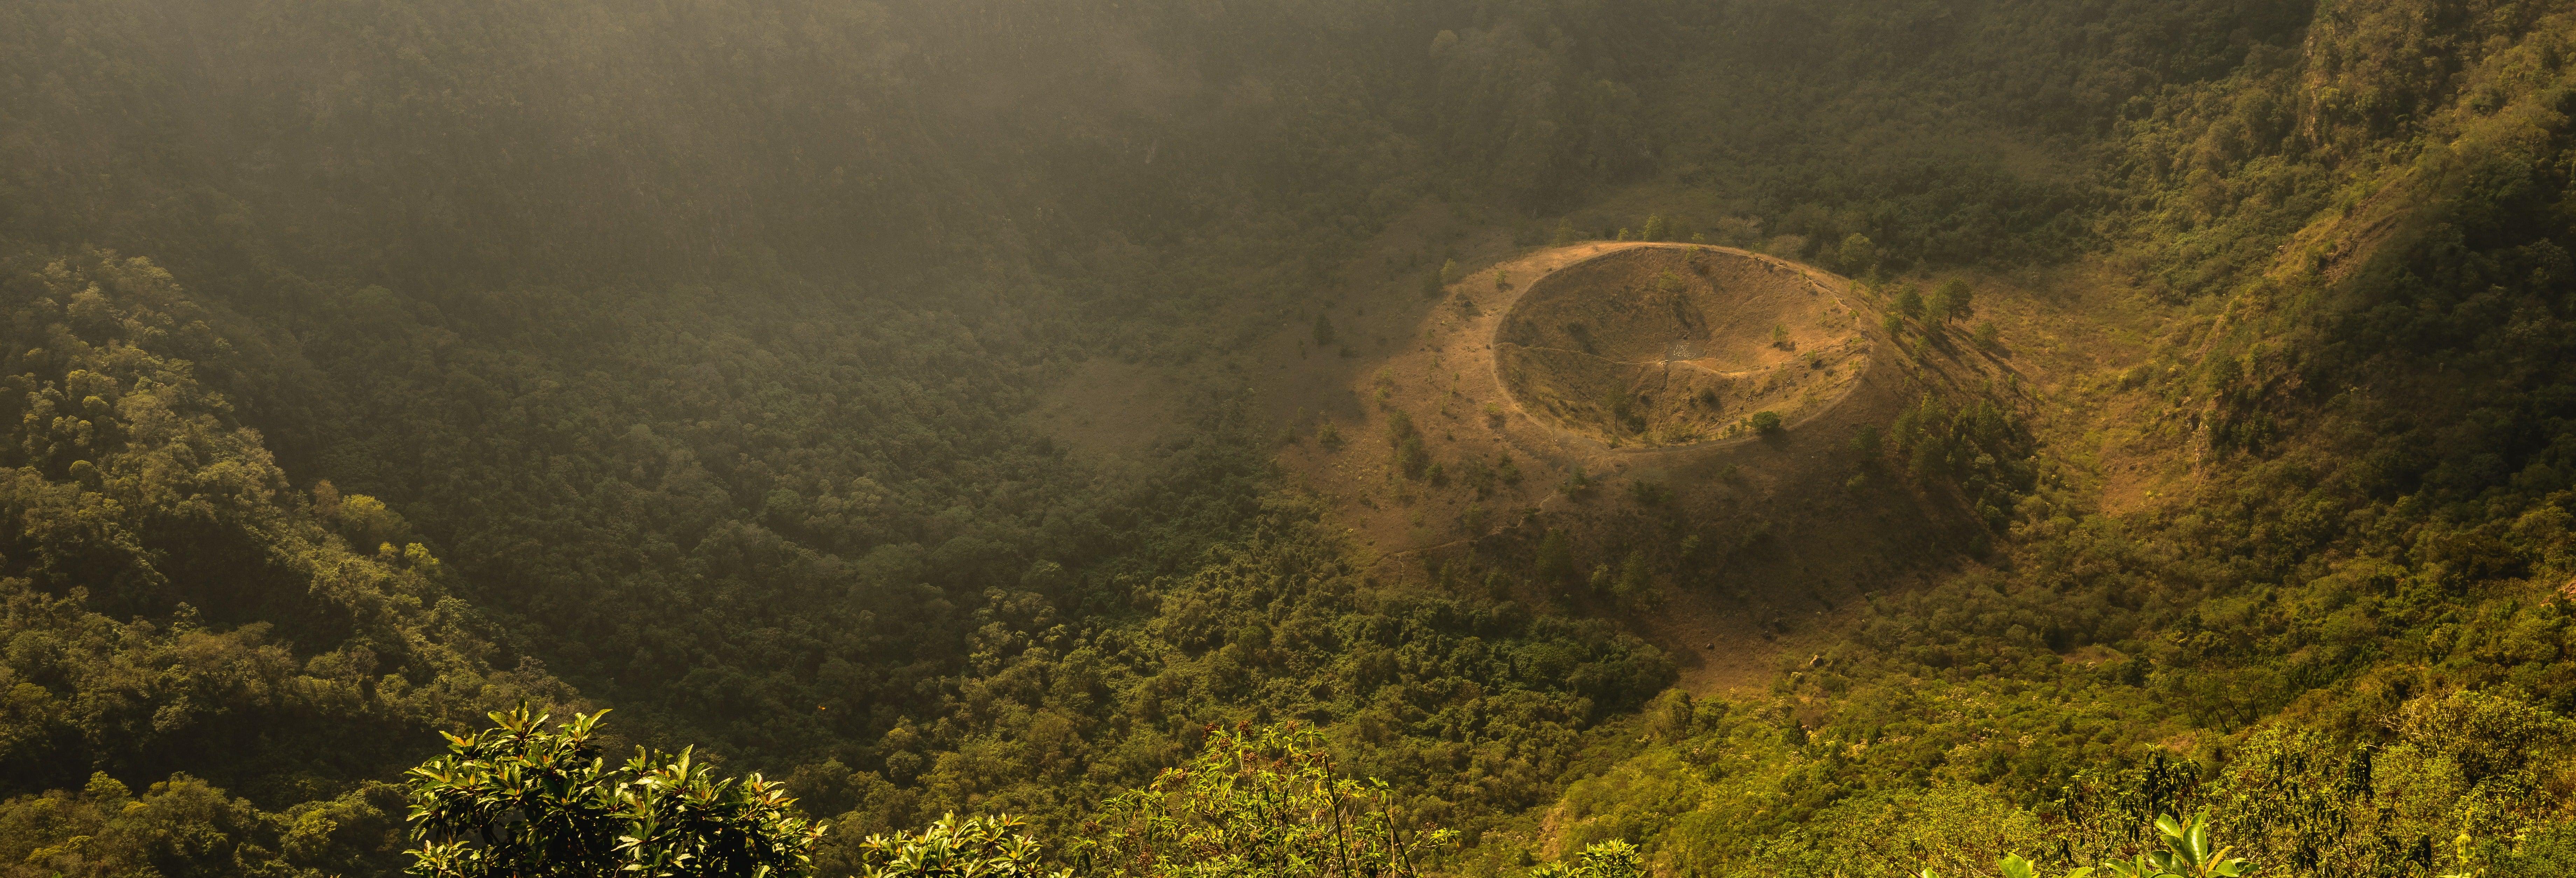 Excursión al Parque Nacional El Boquerón